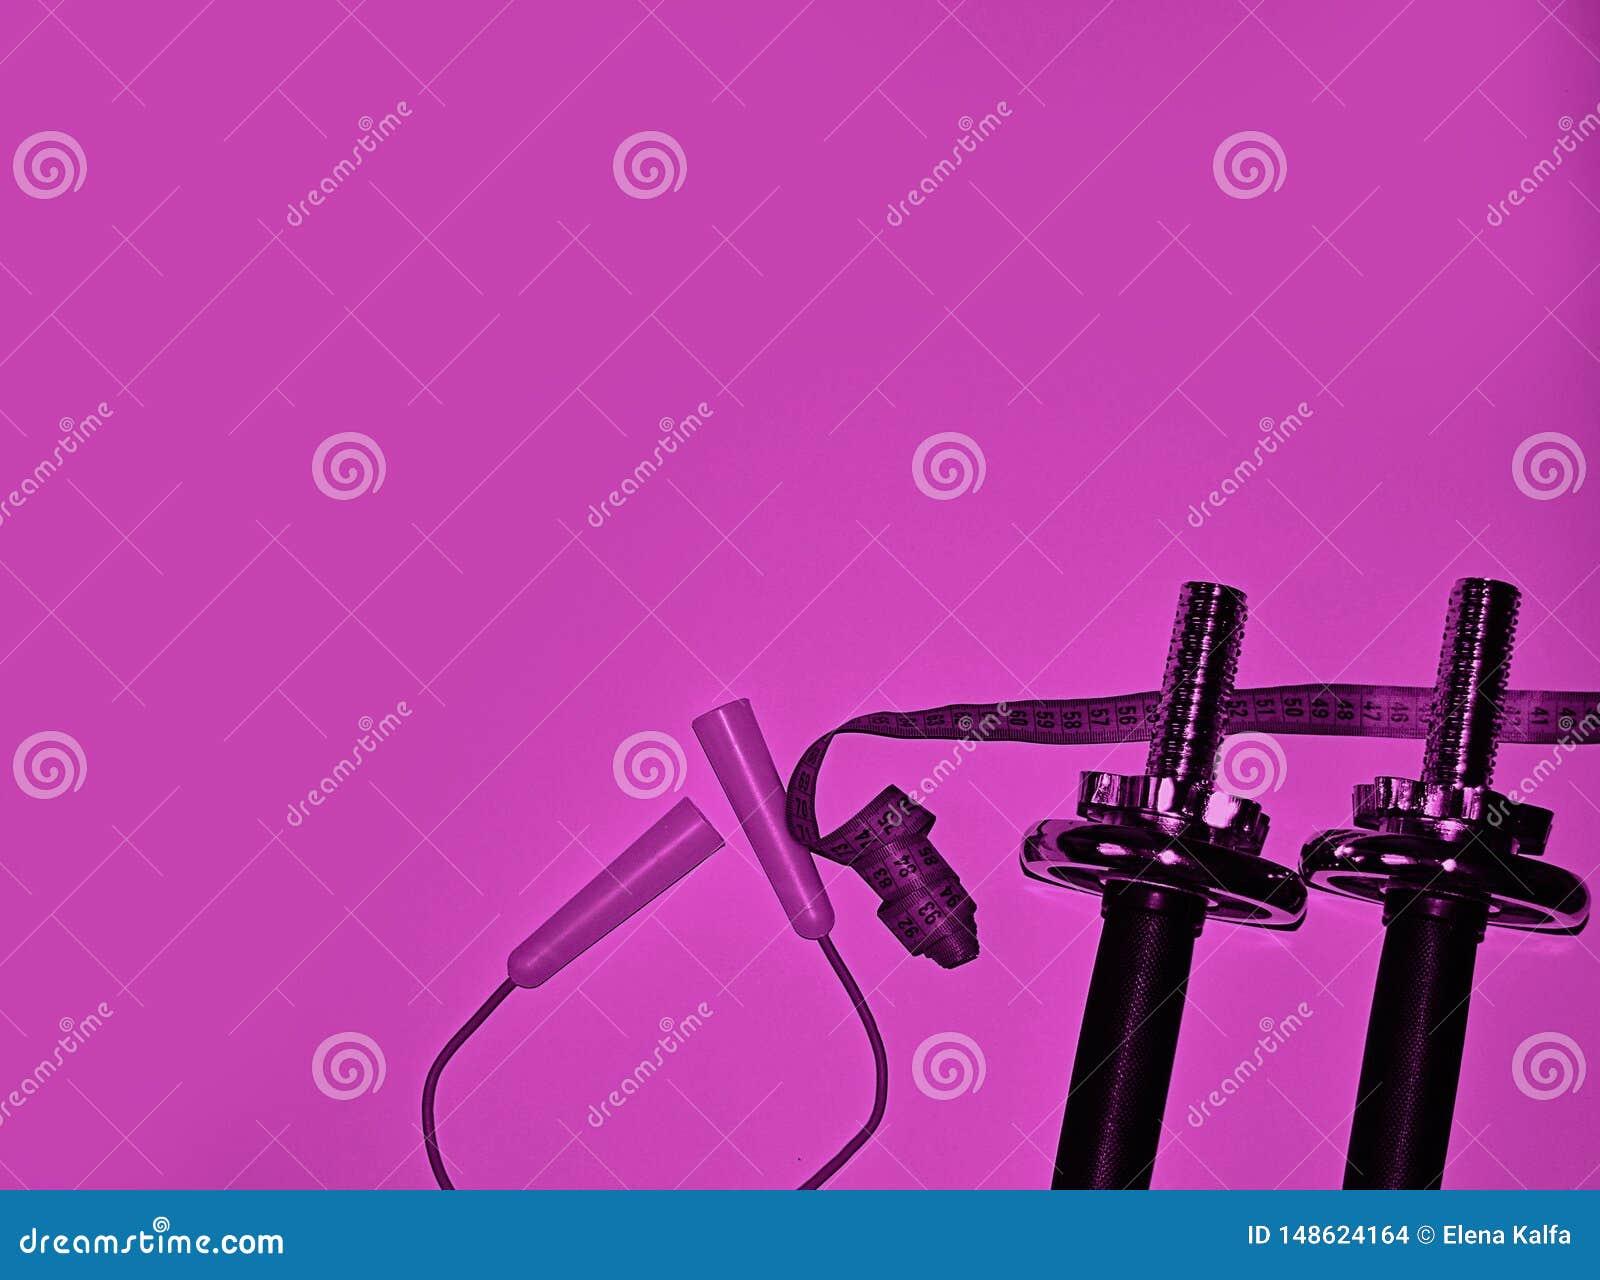 Pesos do ferro, corda de salto, néon de medição da fita, conceito roxo da aptidão da cor Material desportivo para o halterofilism